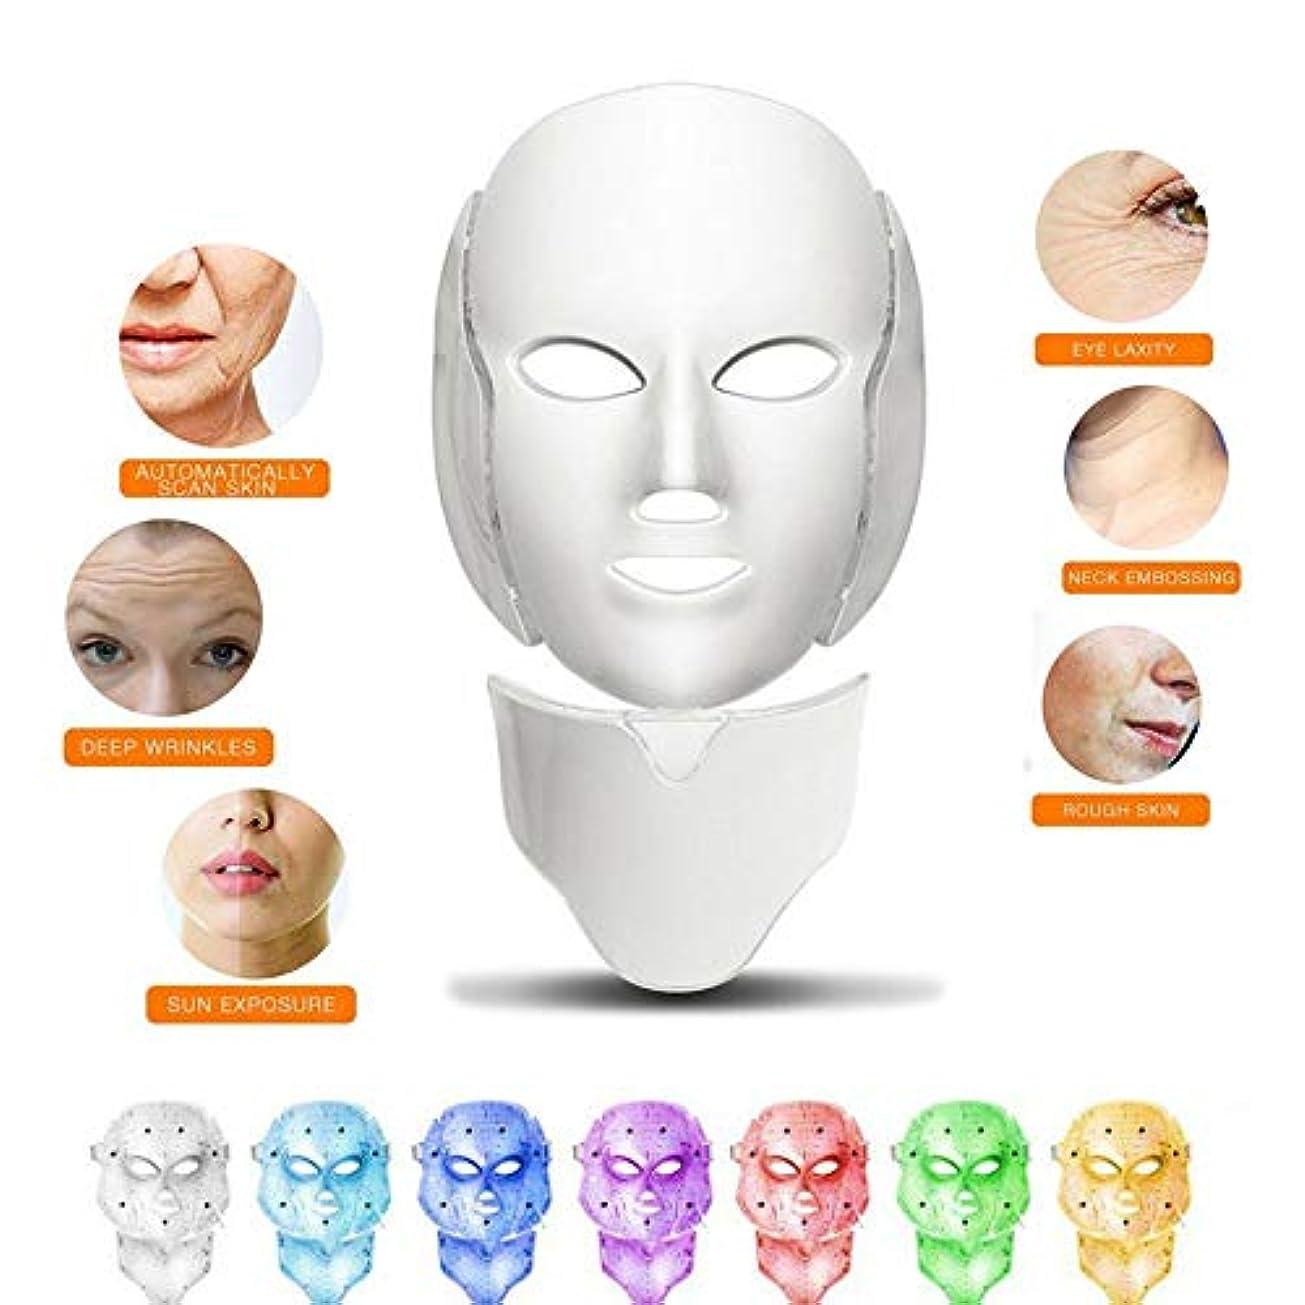 息子接続詞橋赤色光光子療法機7色ledフェイスマスク+首、肌の若返りしわにきび除去フェイシャルスパ美容機器、ホワイト